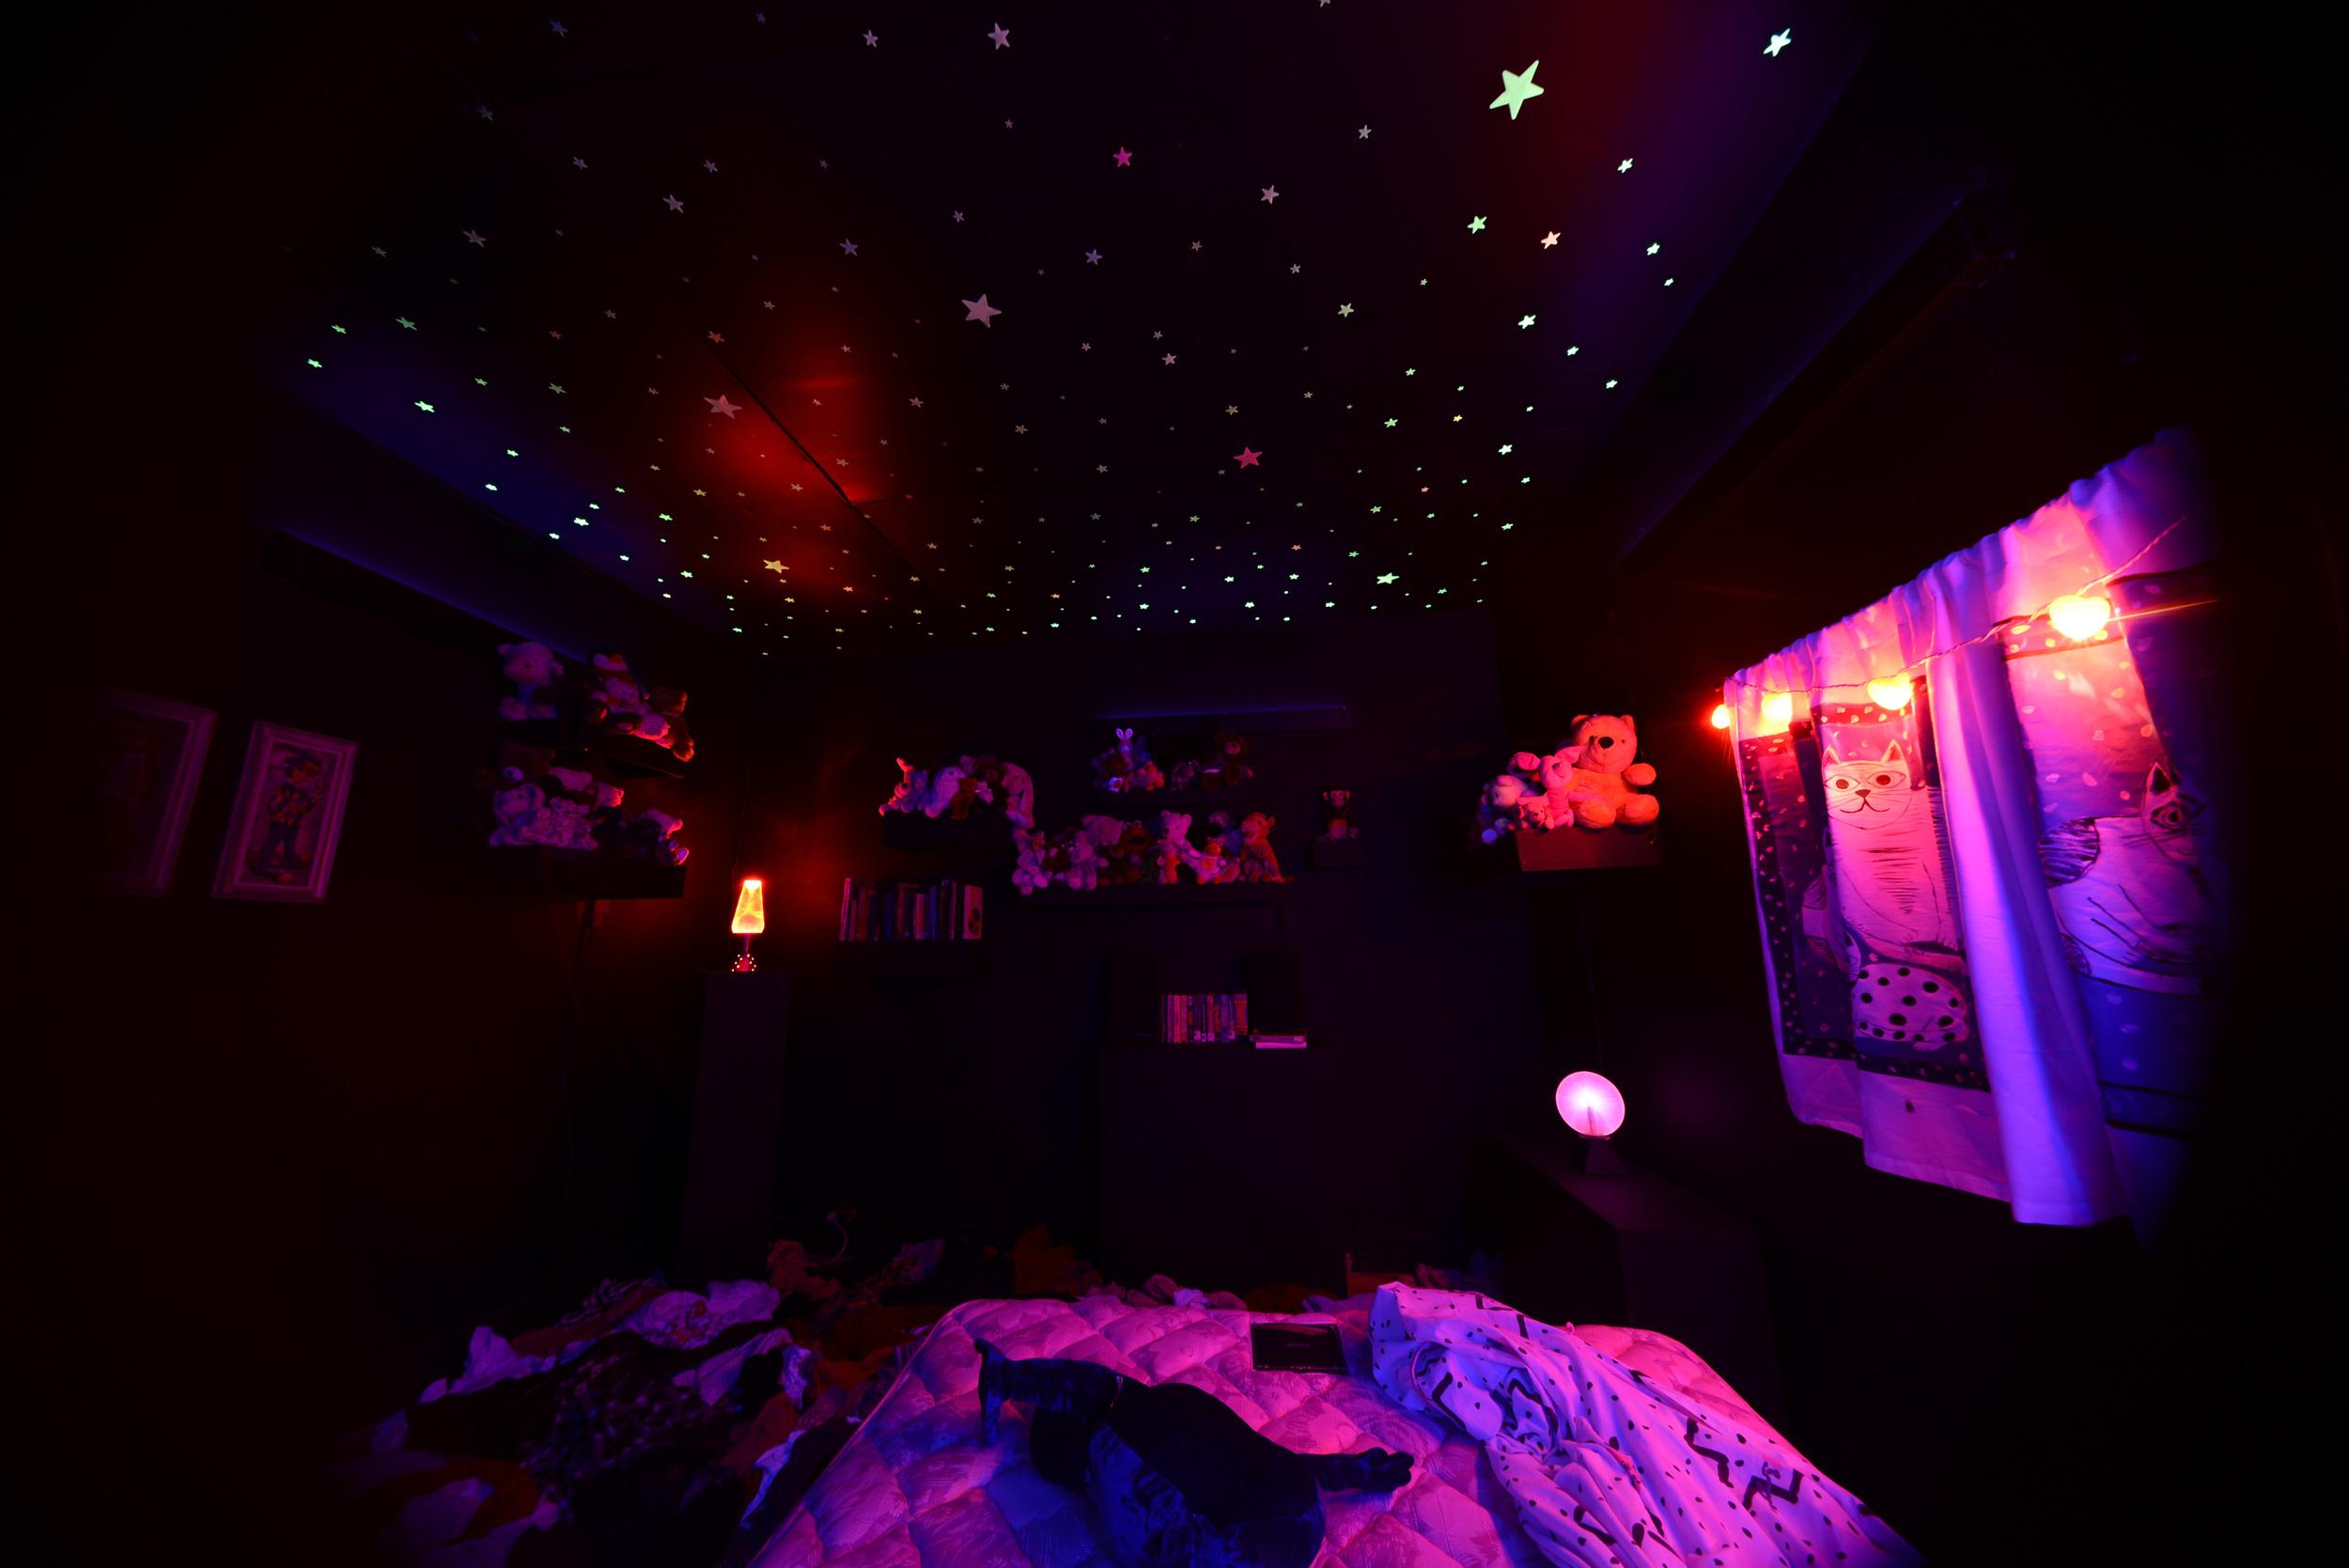 dark-rooms-view.jpg